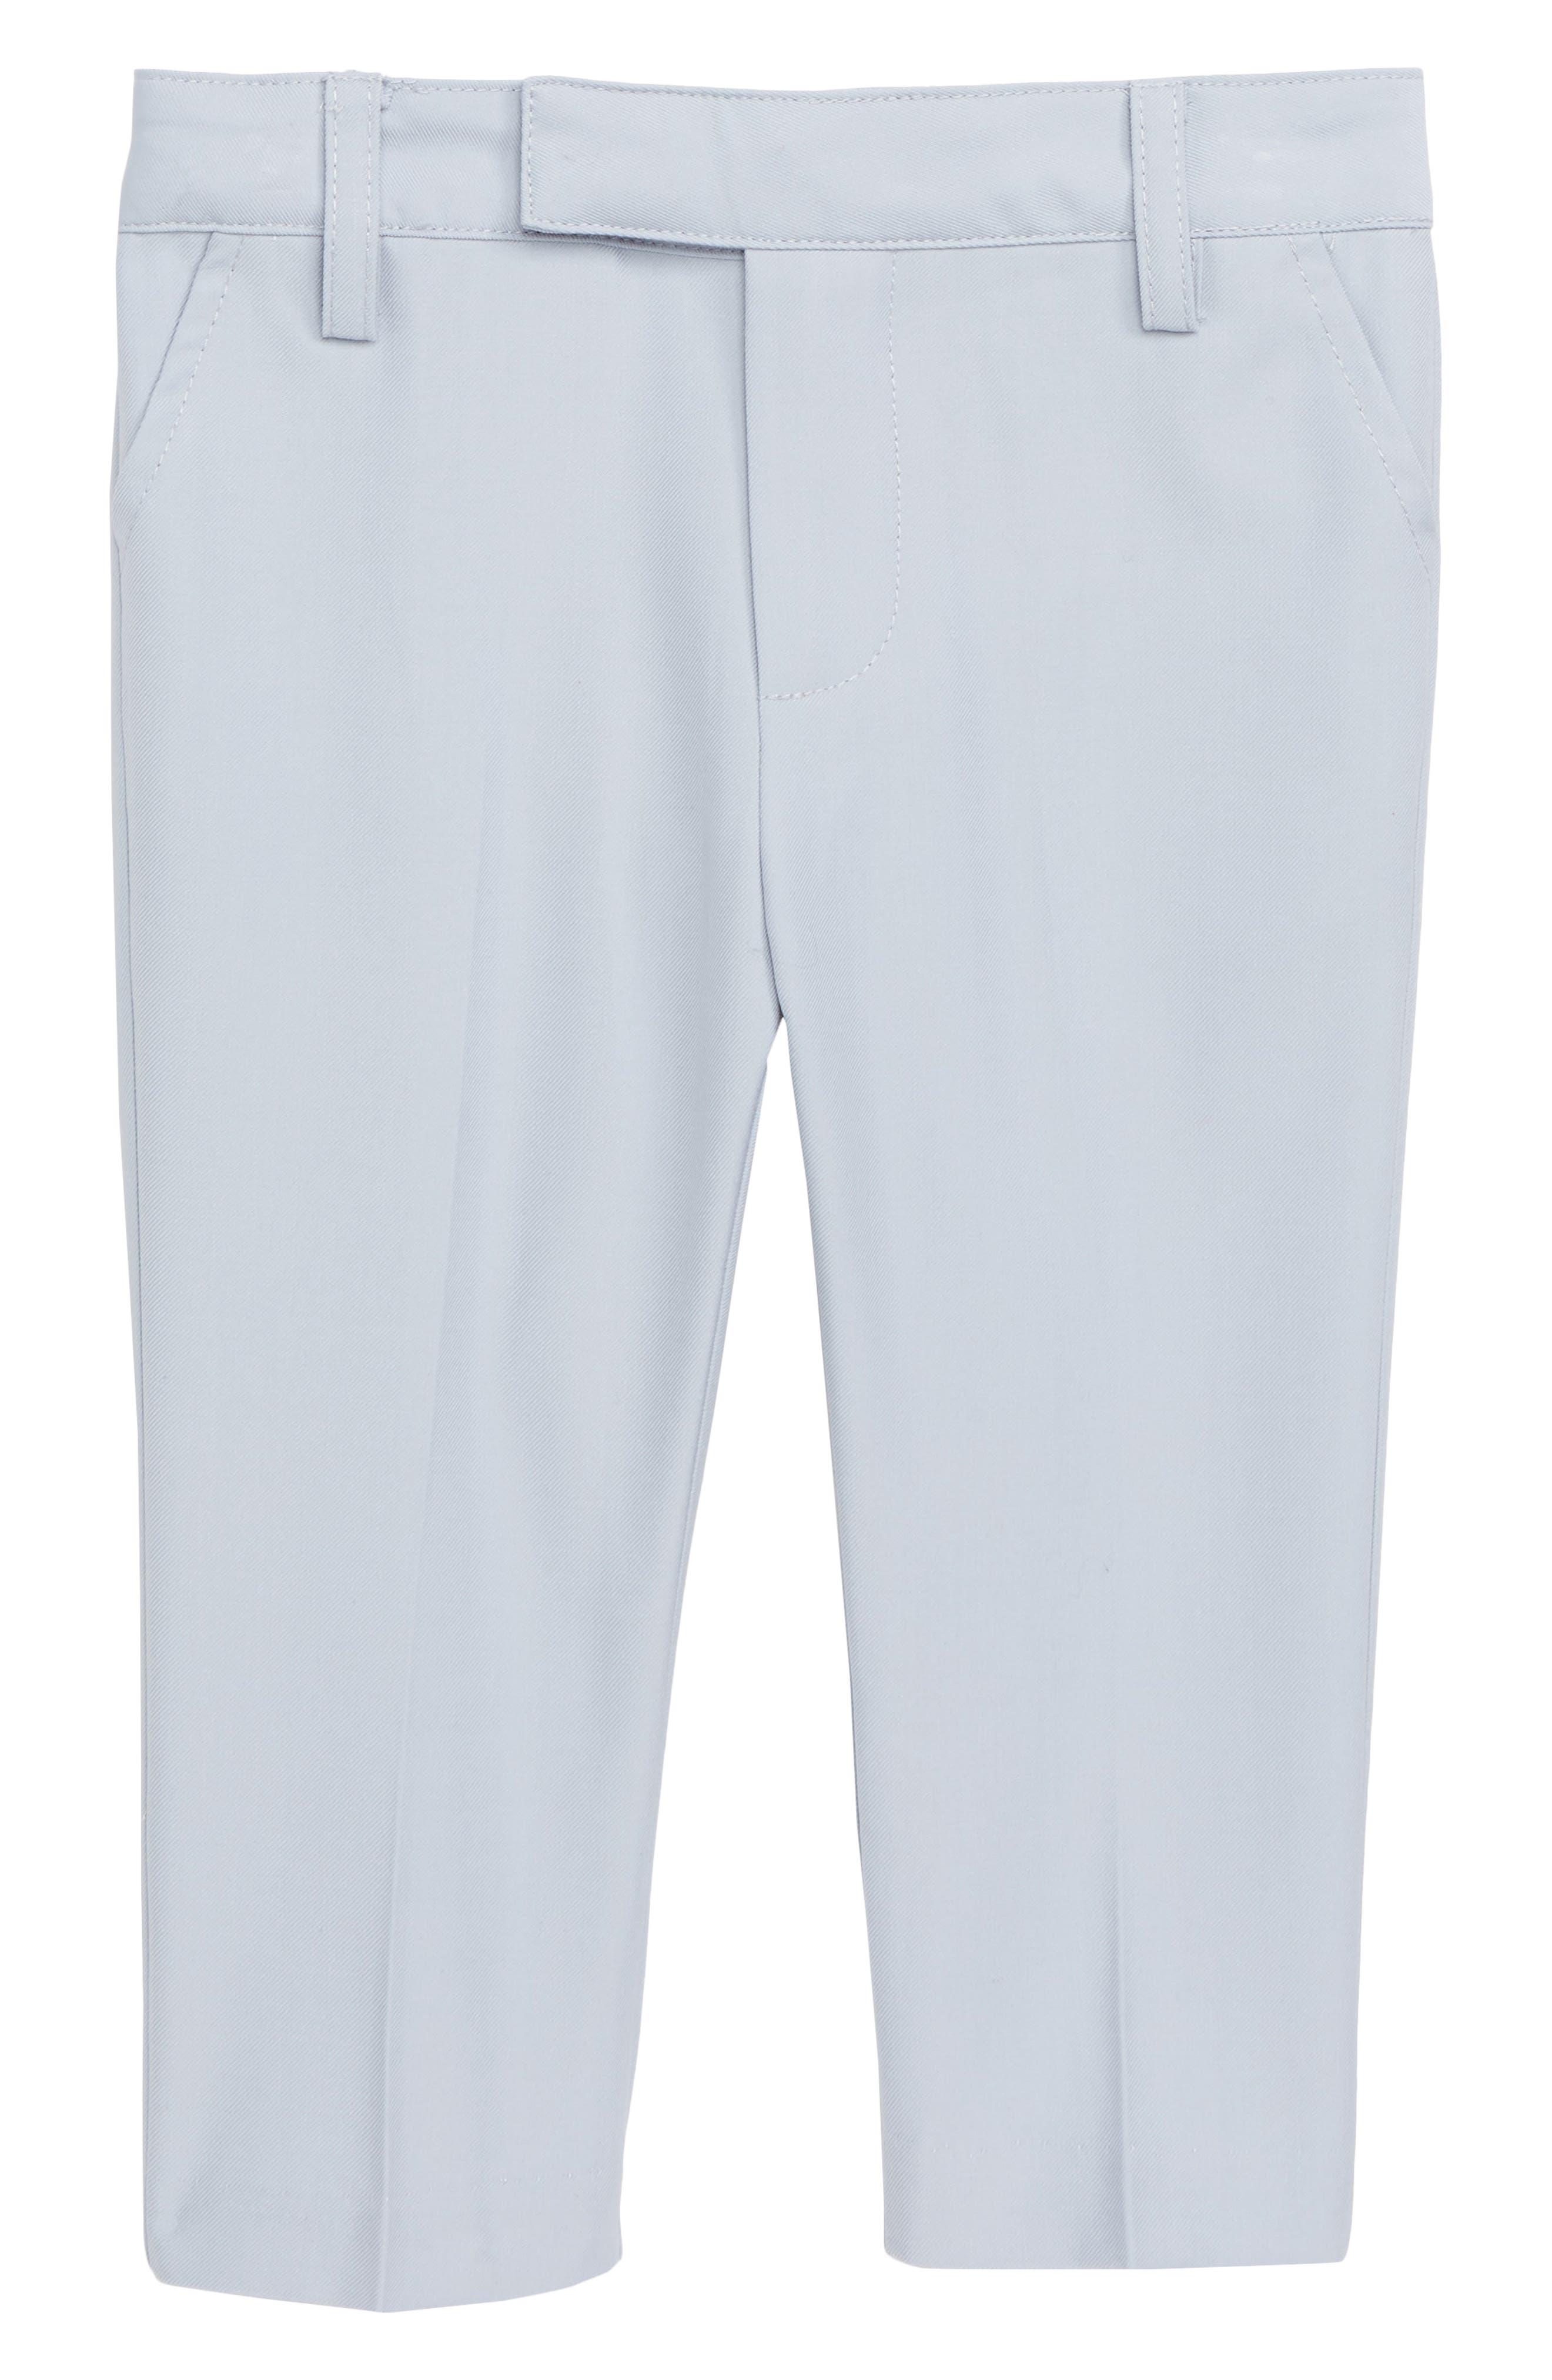 Harry Suit Pants,                             Main thumbnail 1, color,                             458